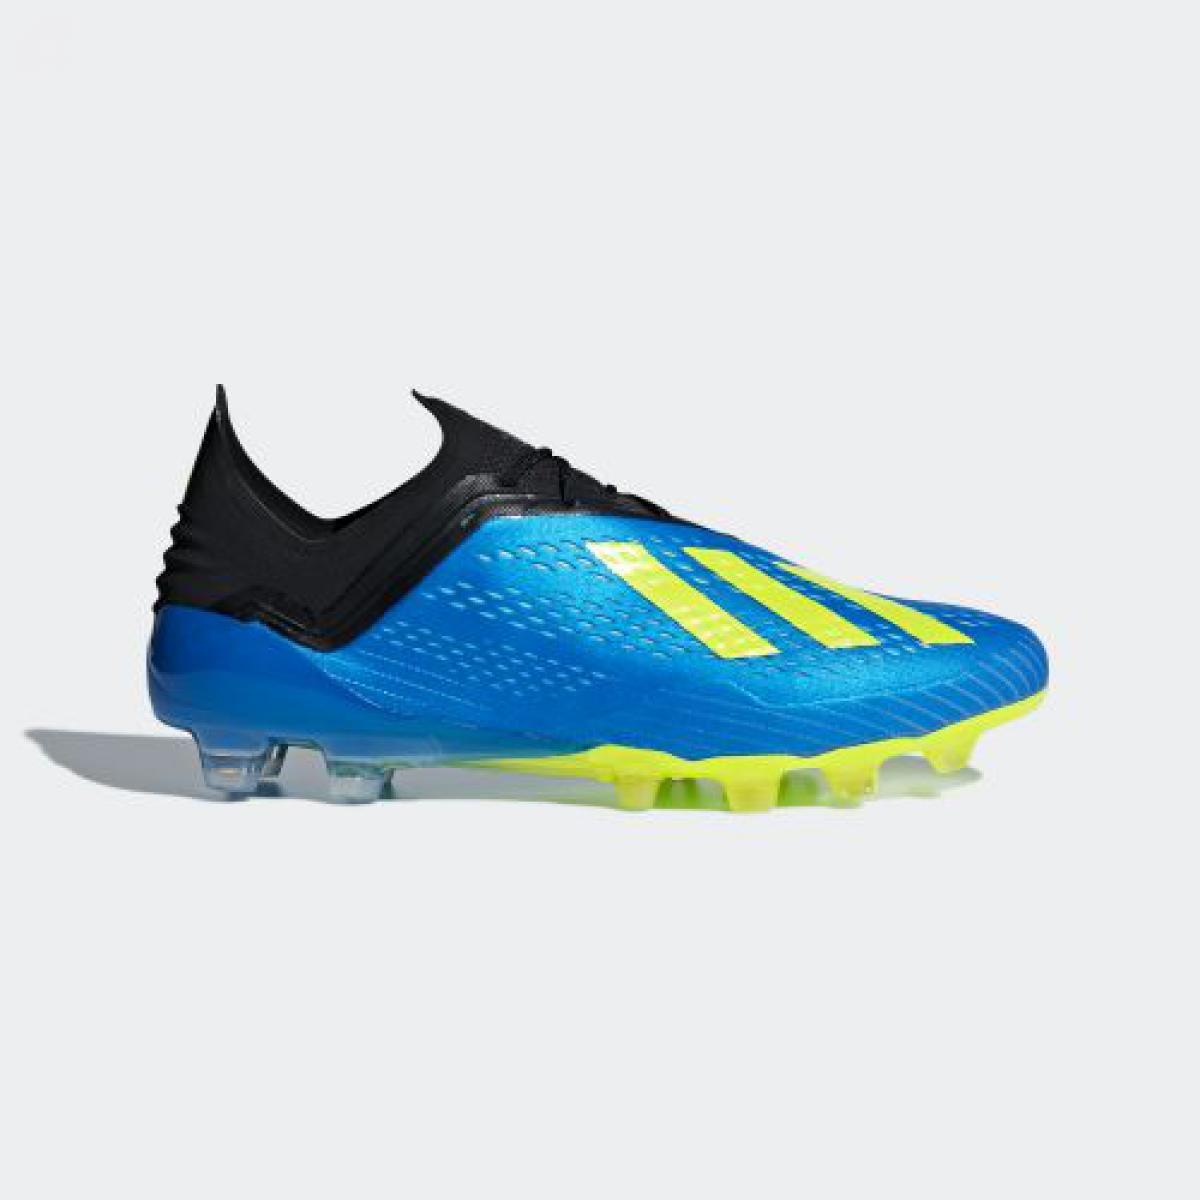 【公式】アディダス adidas エックス 18.1-ジャパン HG/AG【FIFAワールドカップTM 契約選手着用カラー】 メンズ AP9937 サッカー シューズ スパイク【hard_ground】【artificial_ground】【spike】